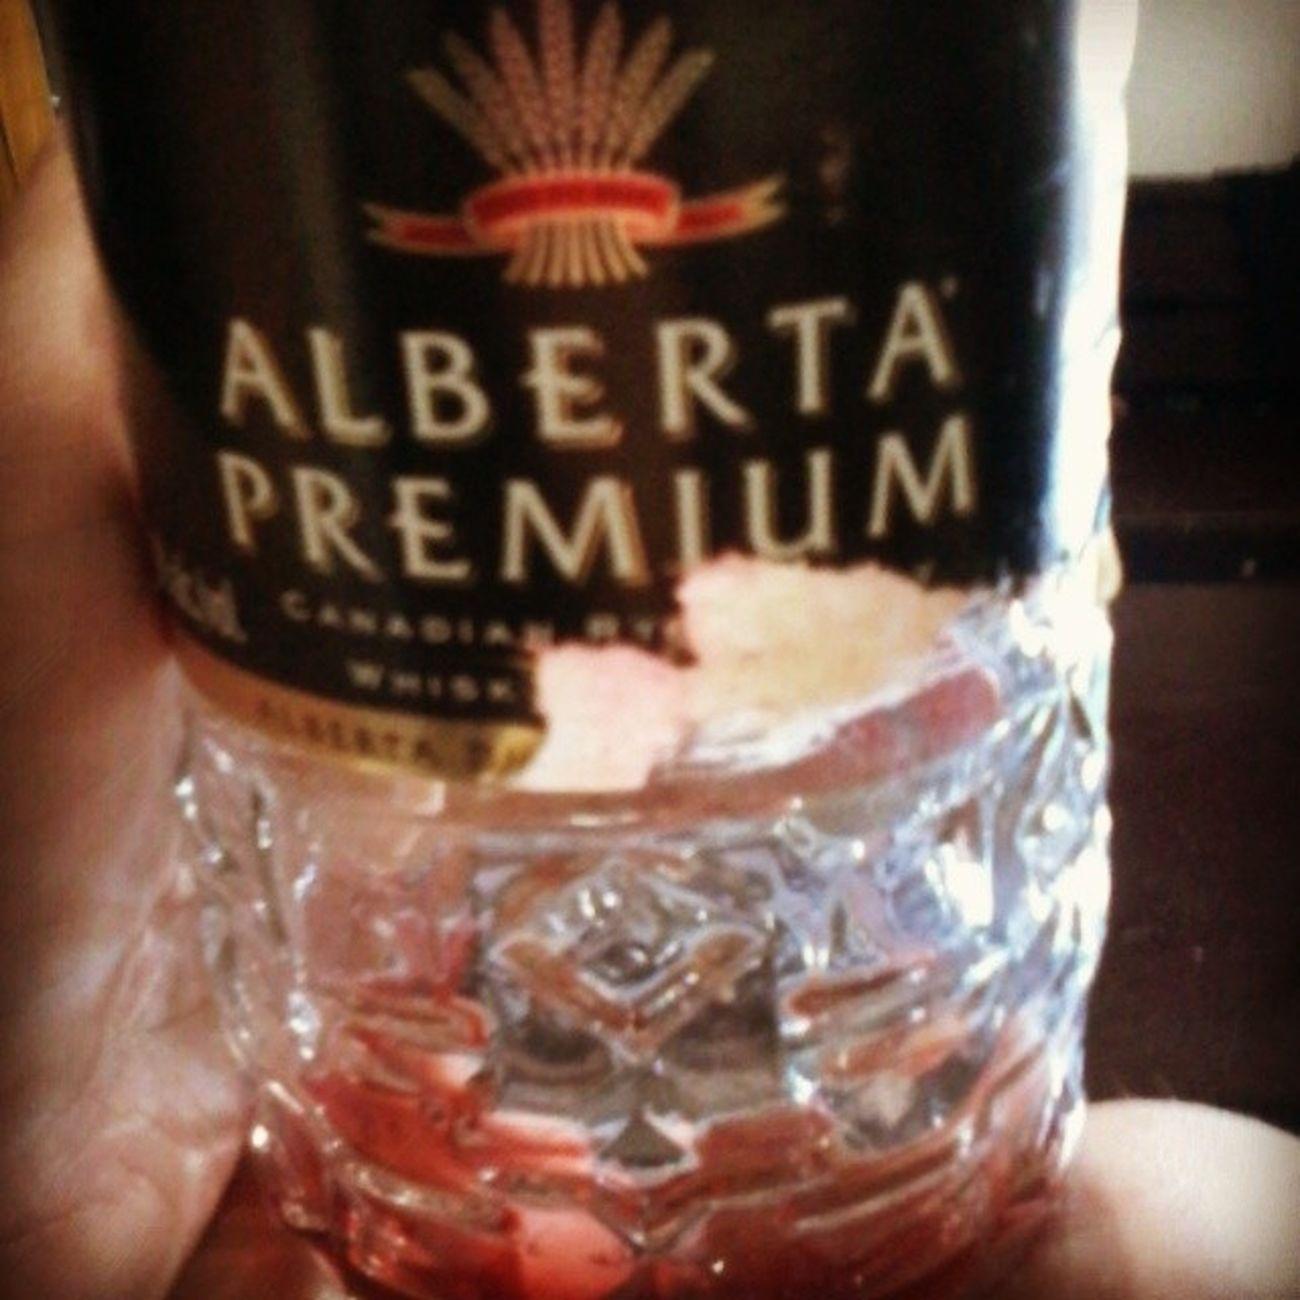 Alberta Premium Wishky 40 %alc Alberta Distillers limted calgary canadian club